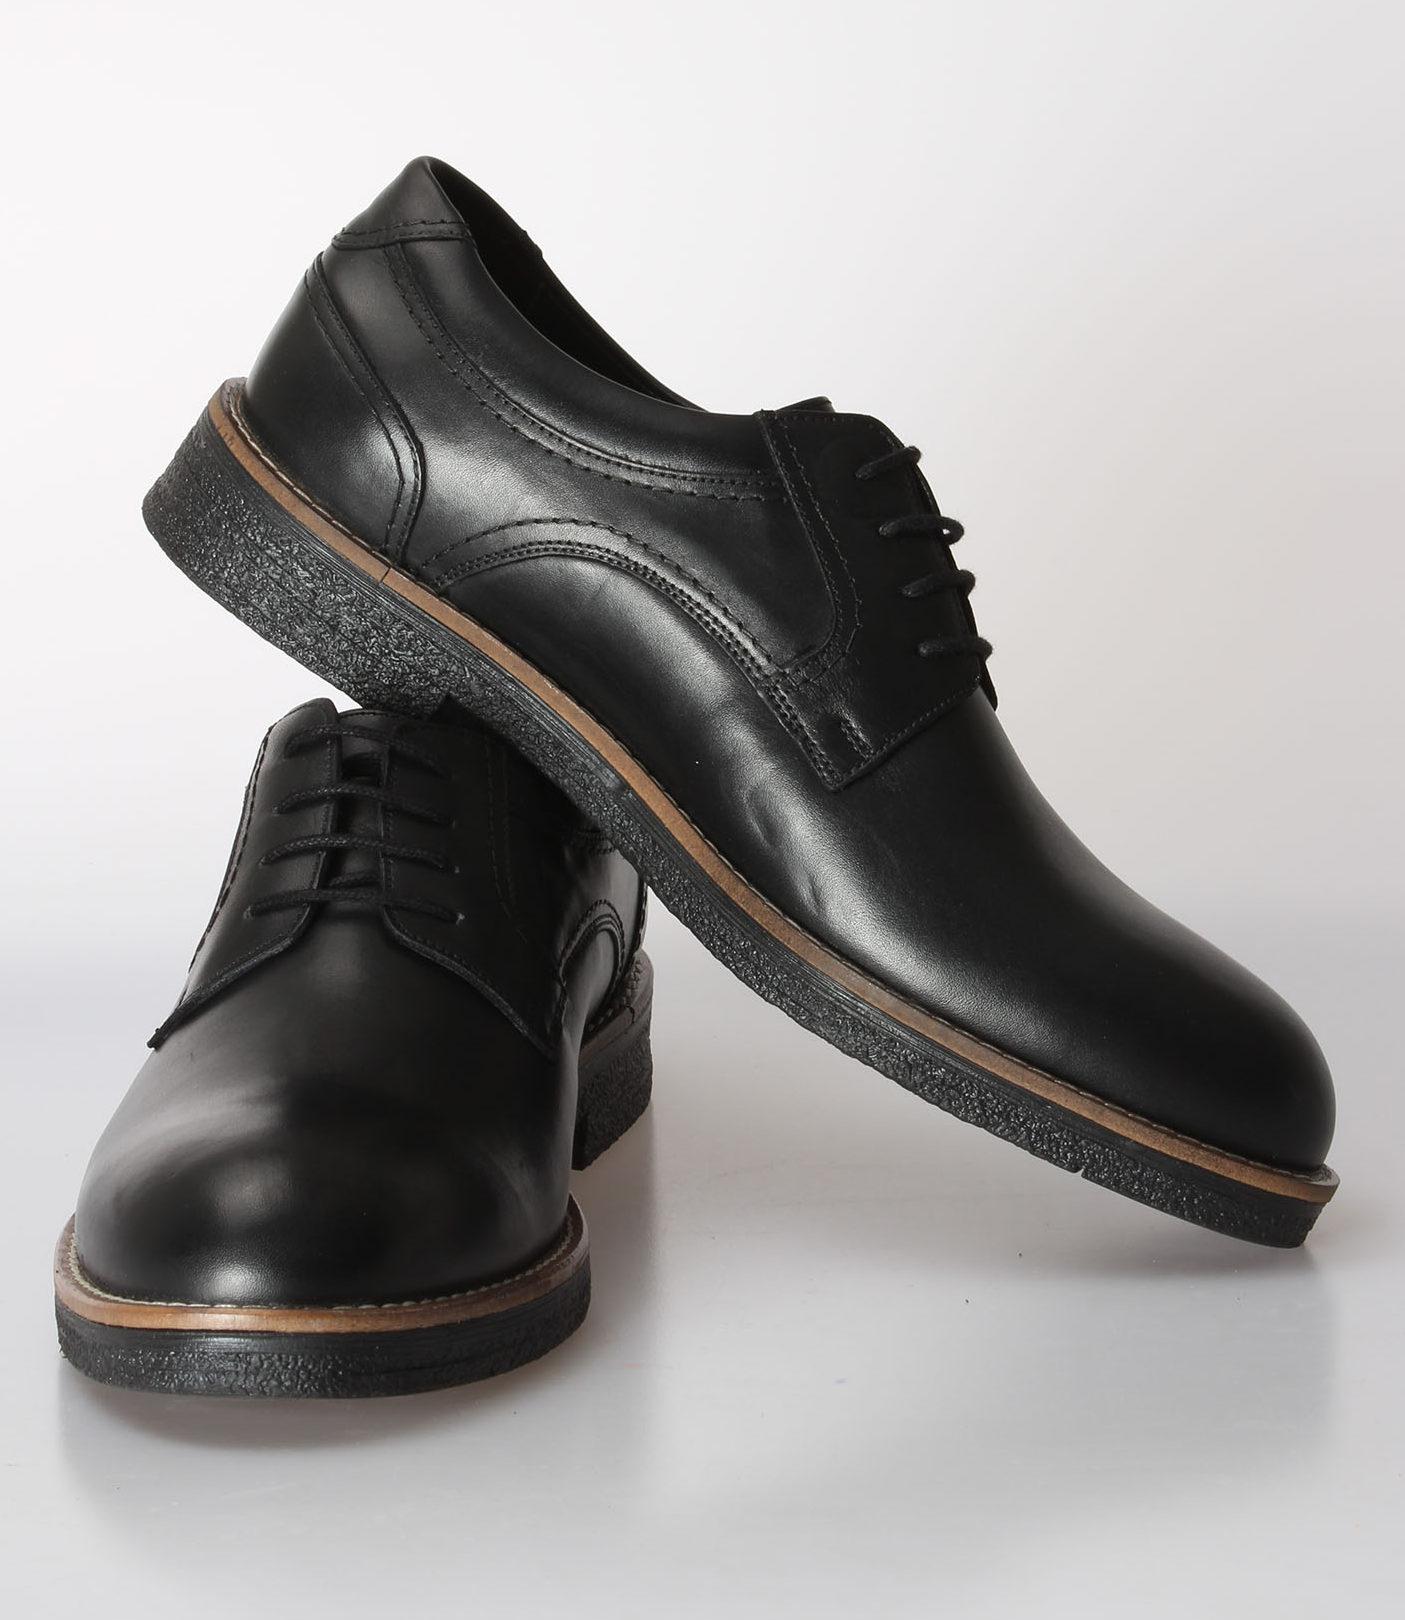 صورة احذية رجالية , احدث احذية رجالي 2019